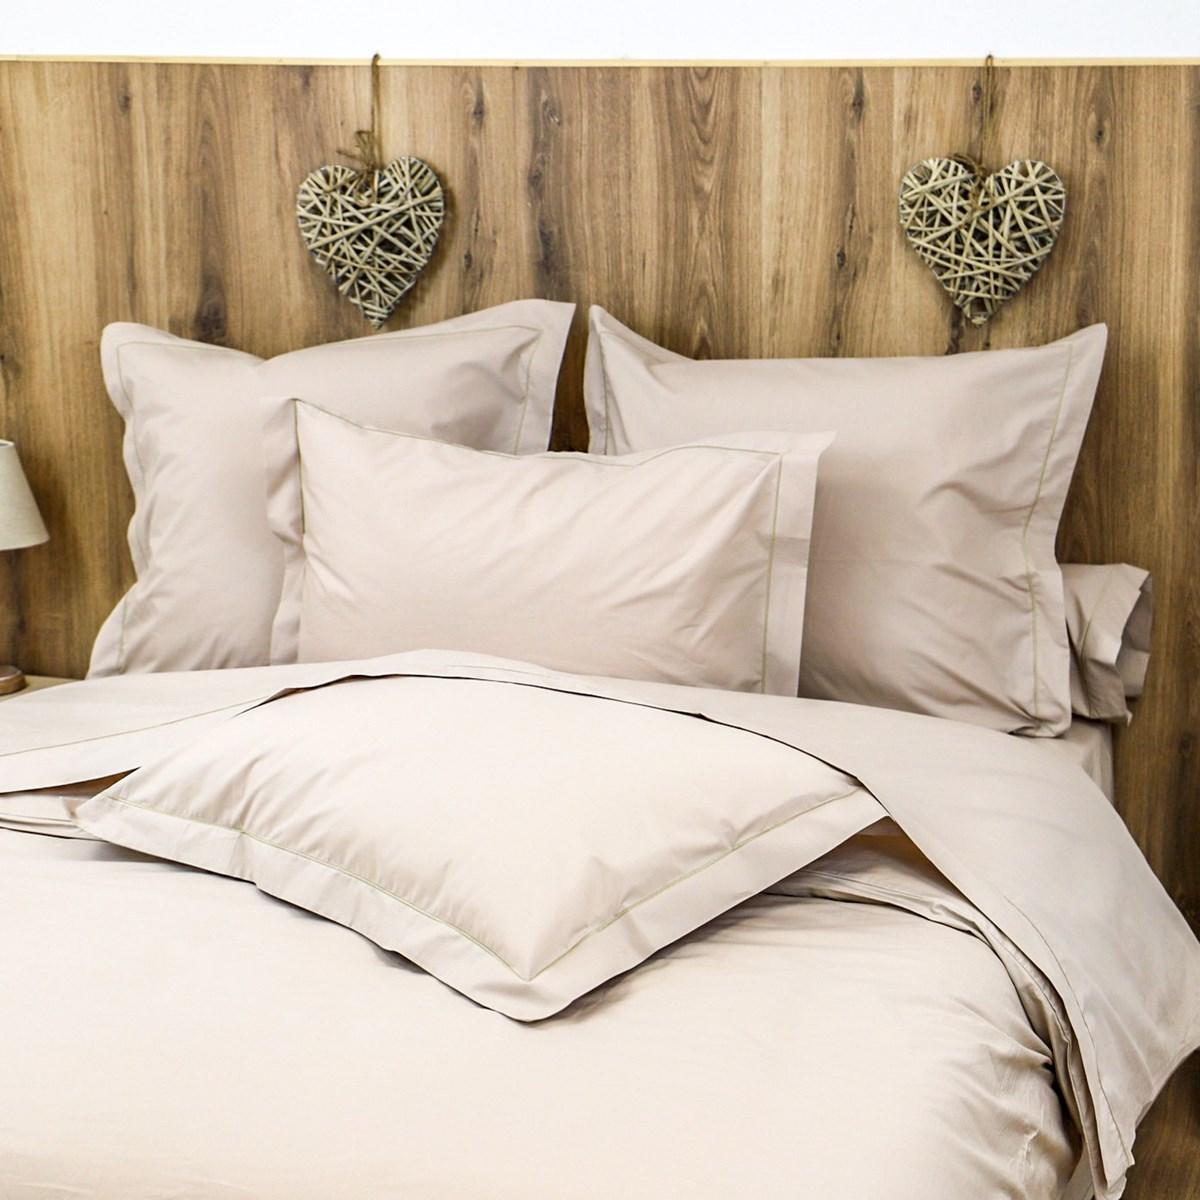 Parure drap plat et taies en percale de coton beige foncé 270x290 cm